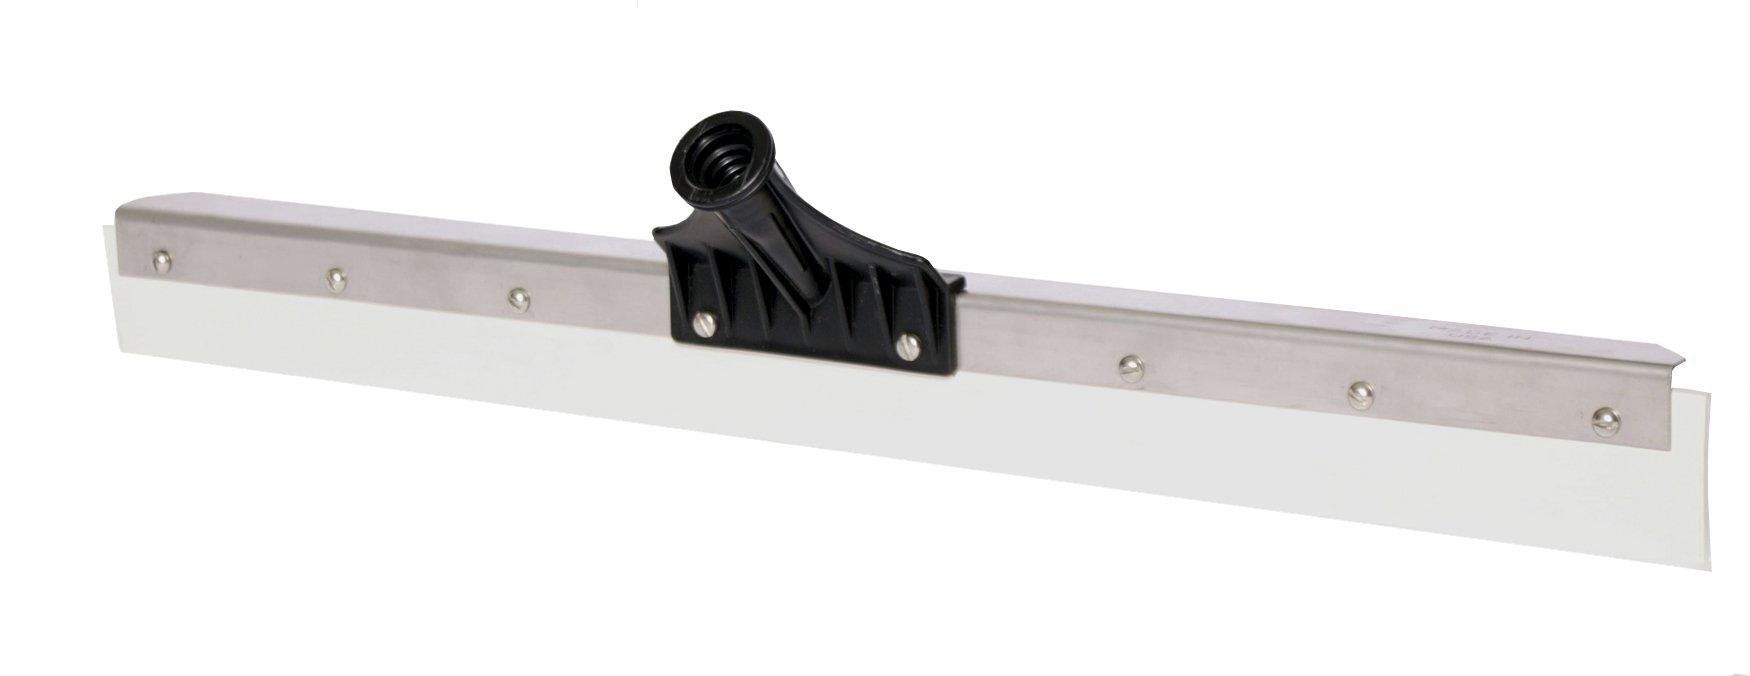 Haviland 2424 Nitrile Rubber Heavy Duty Steel Floor Squeegee, 24'' Length, White